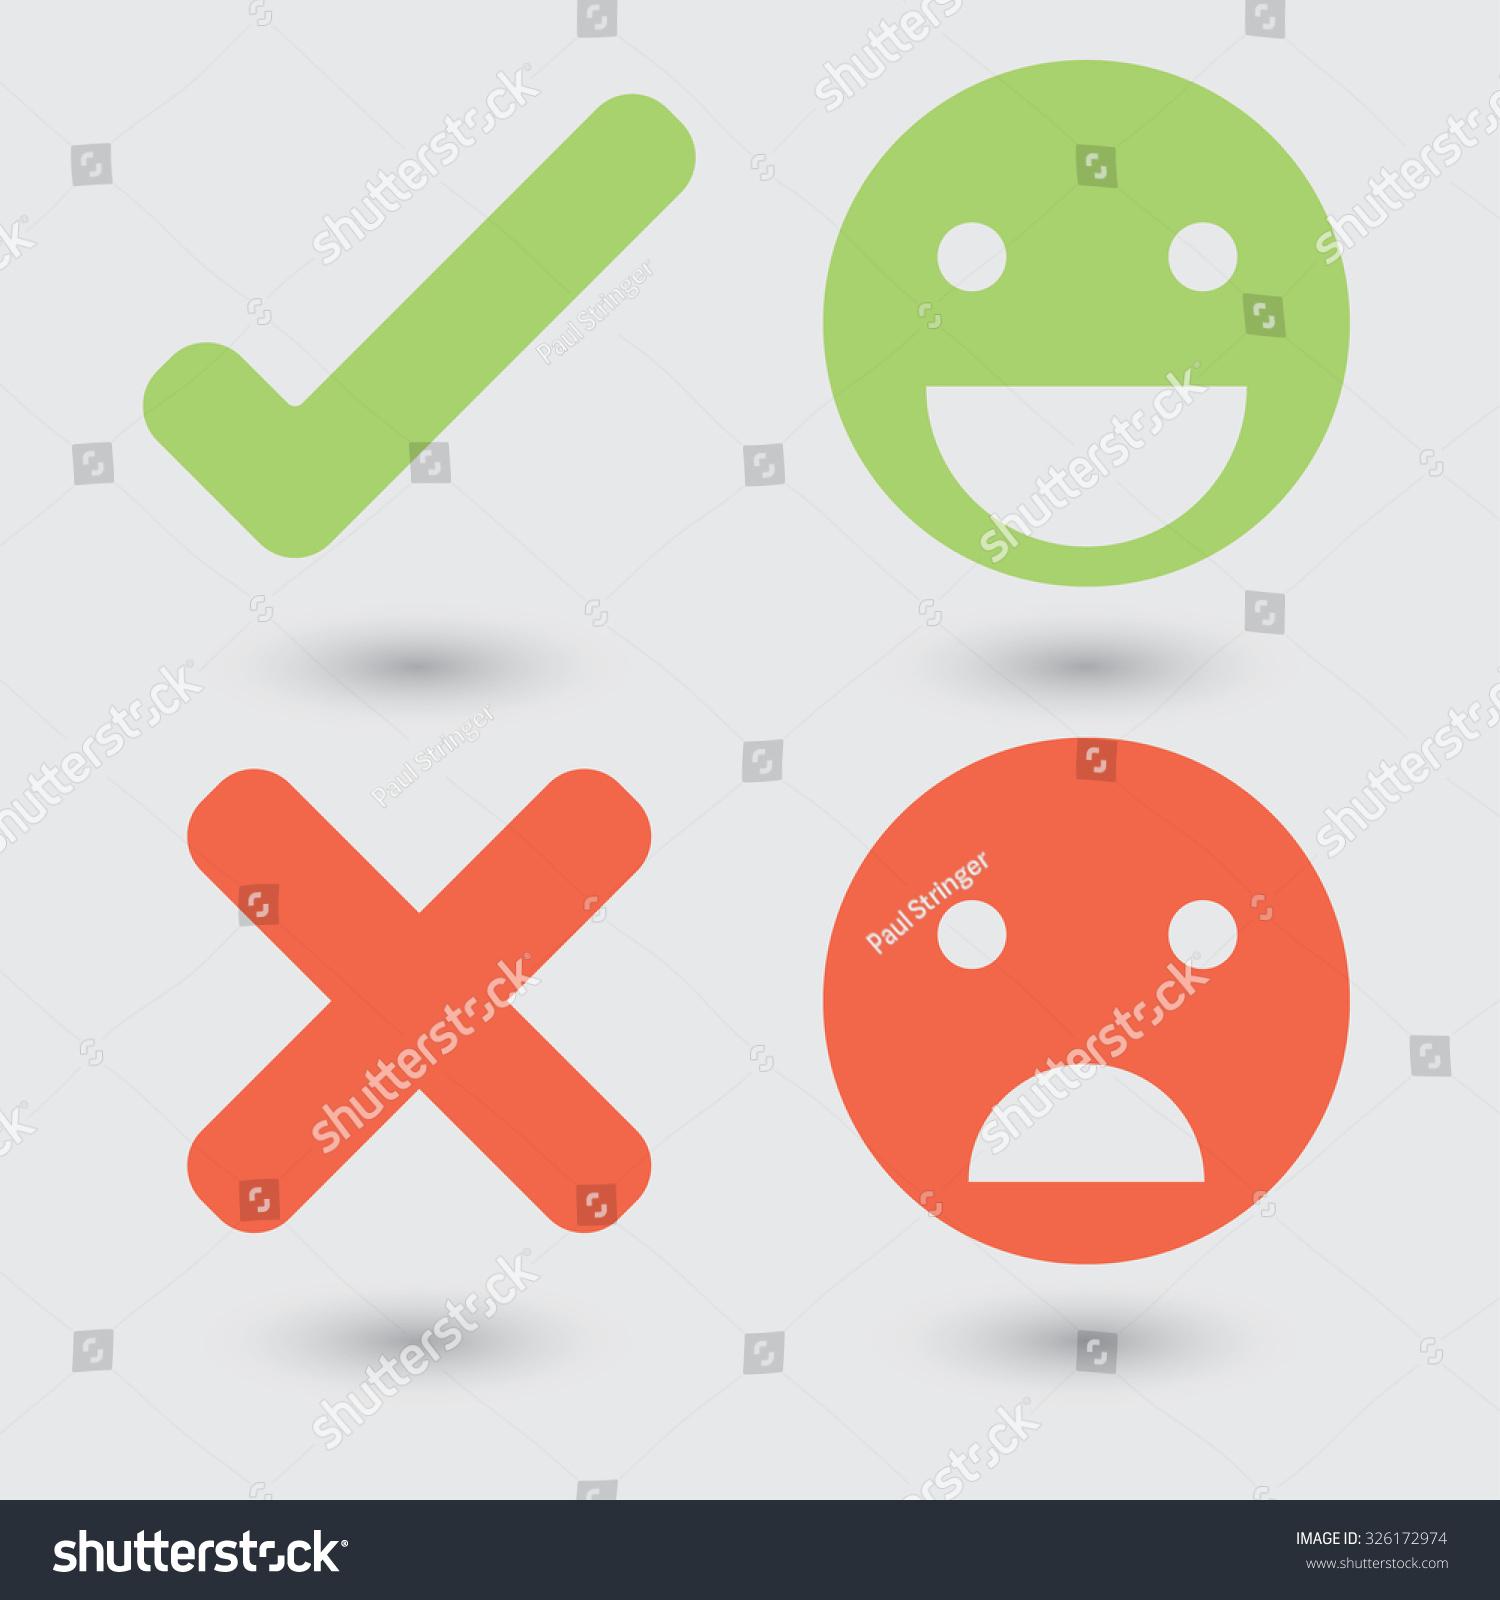 Good Bad Symbols Stock Vector 326172974